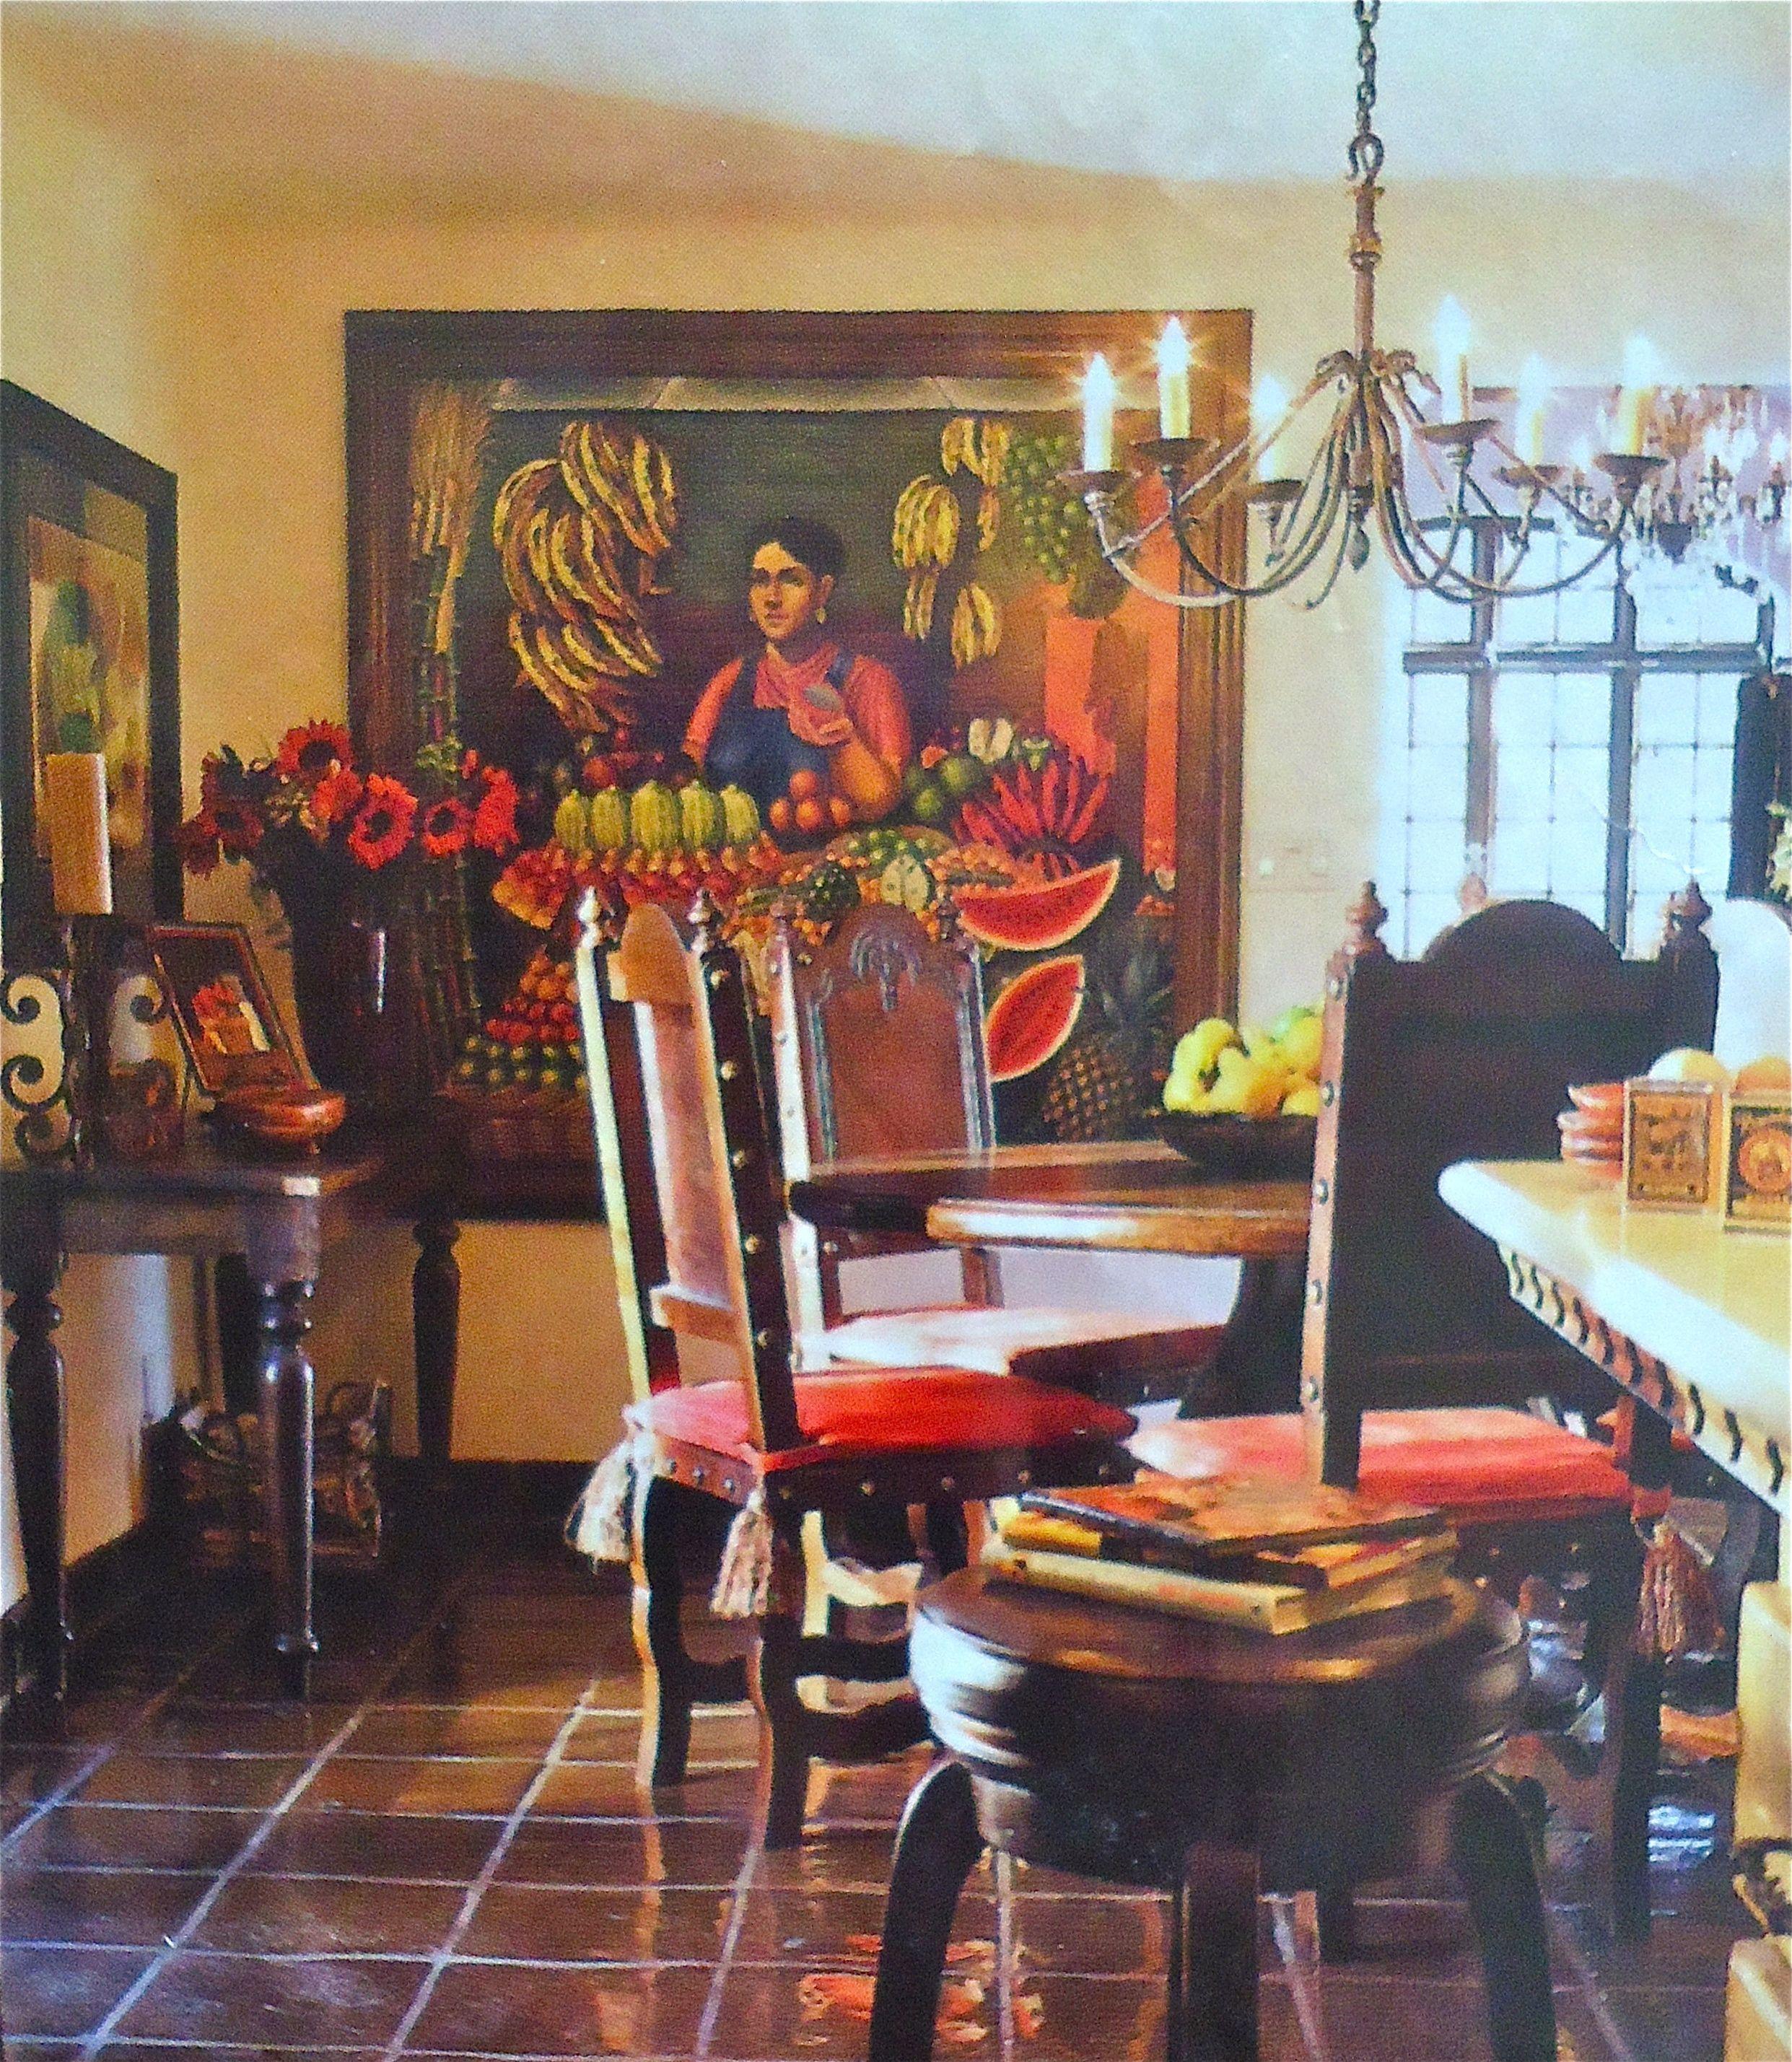 Hacienda Home Decor: Mexico Decoration 02